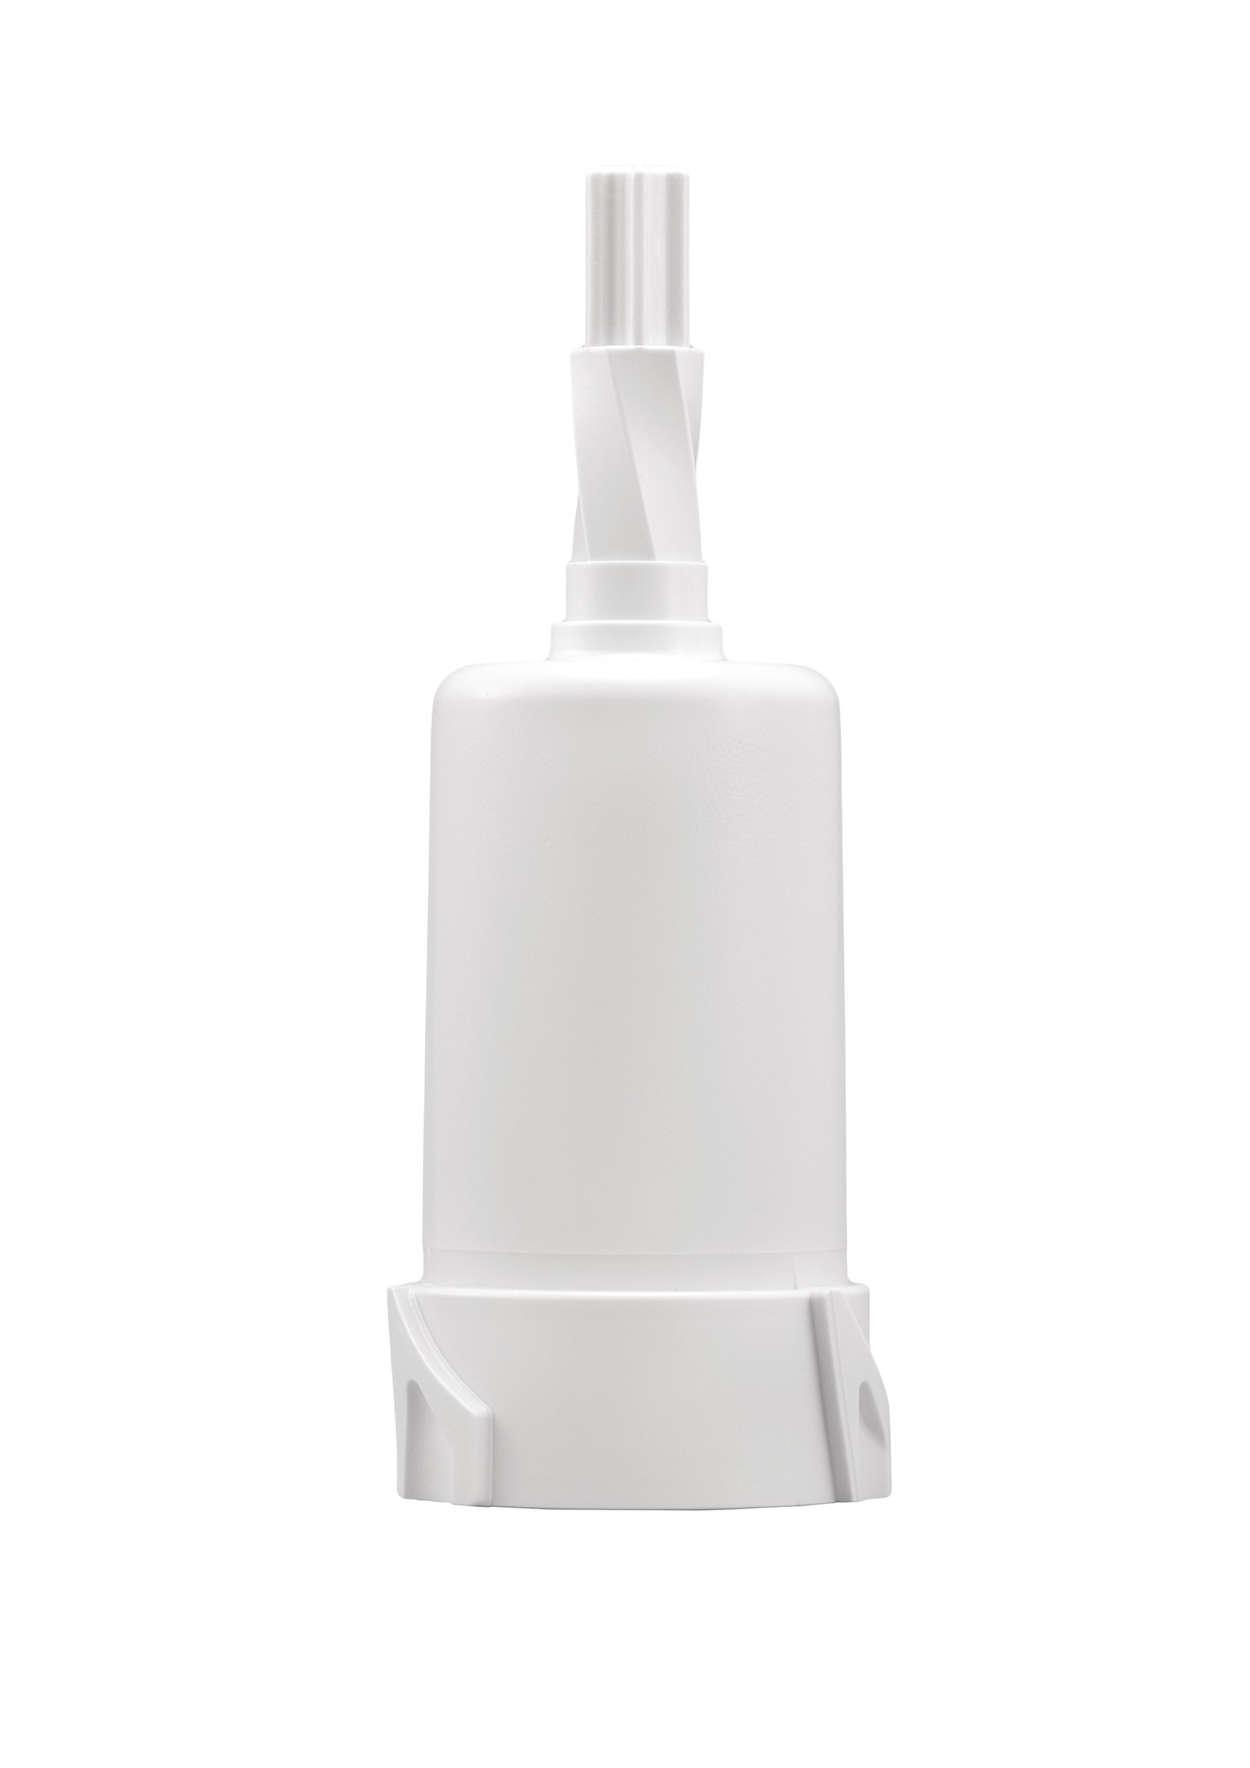 Support accessoires pour robot de cuisine crp556 01 for Support accessoire cuisine